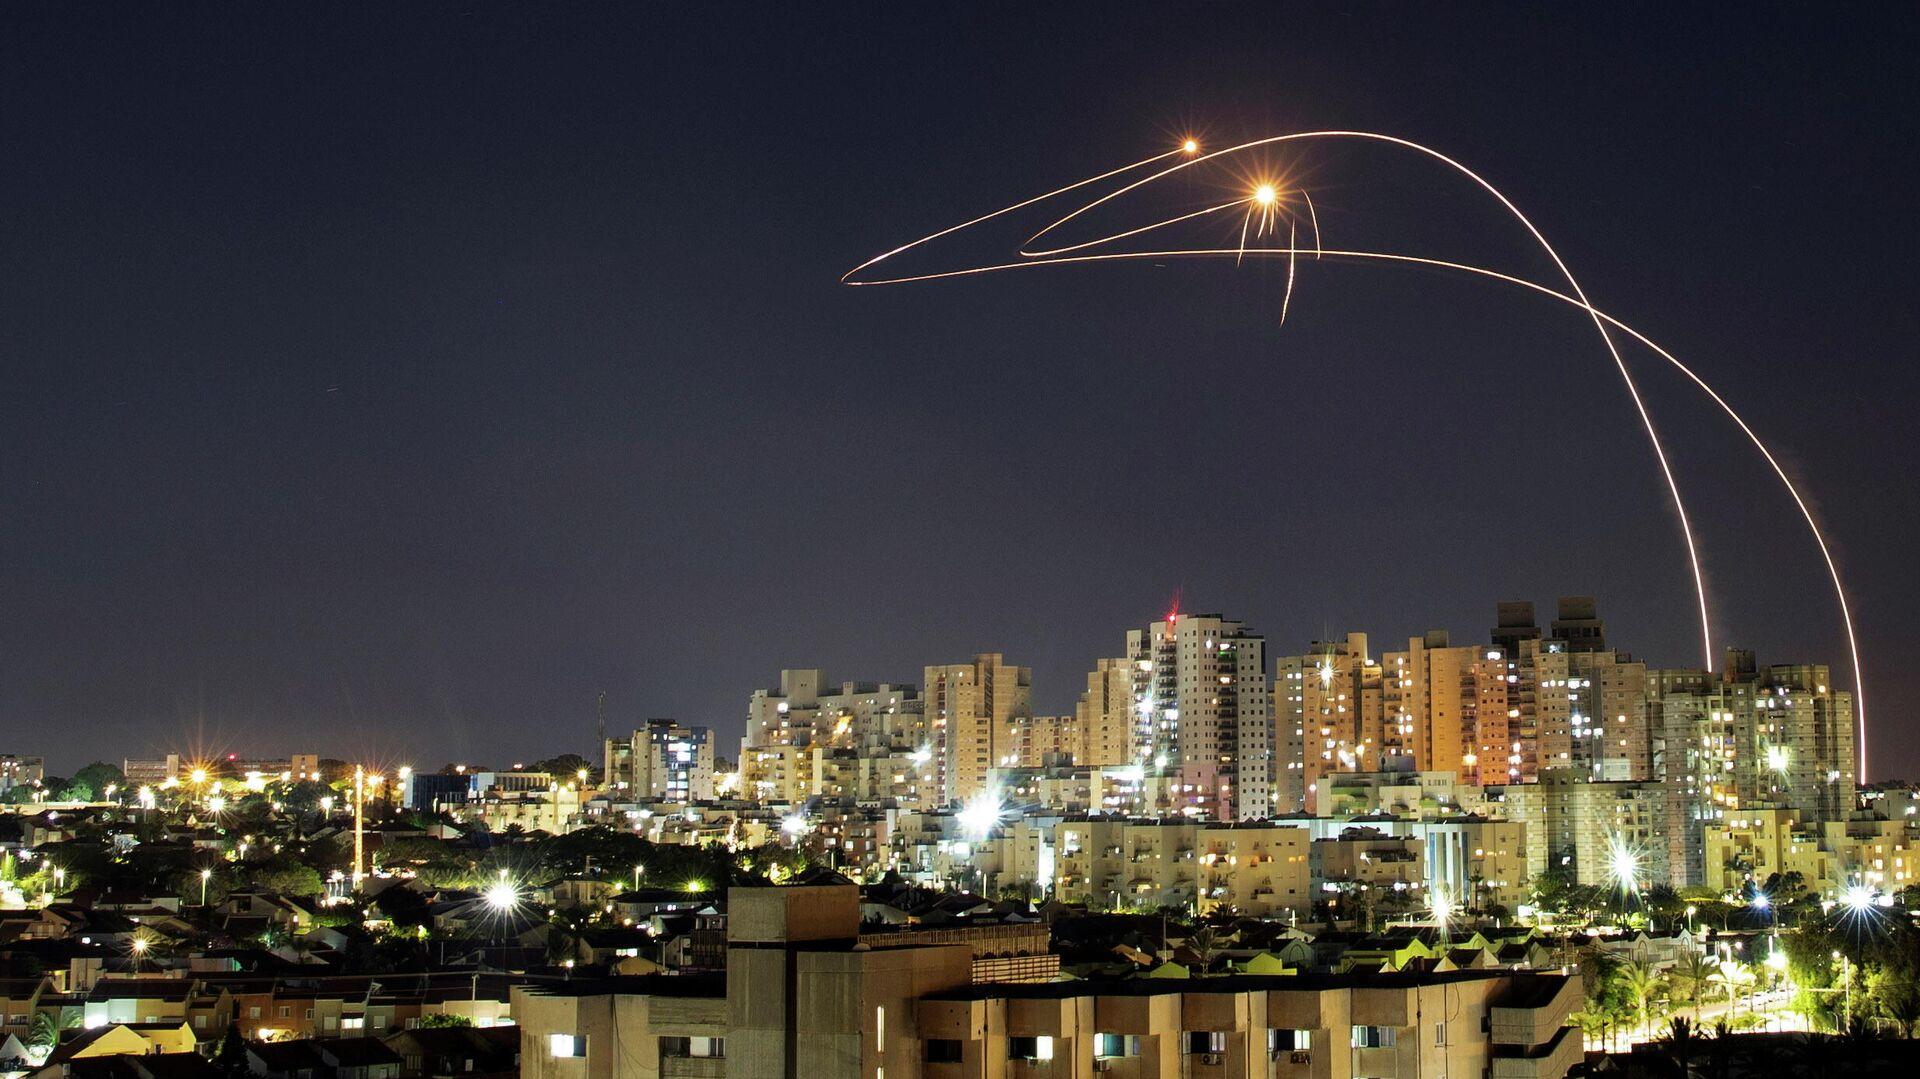 Противоракетная система Железный купол перехватывает ракеты, запущенные из сектора Газа, в небе над Ашкелоном - РИА Новости, 1920, 15.05.2021